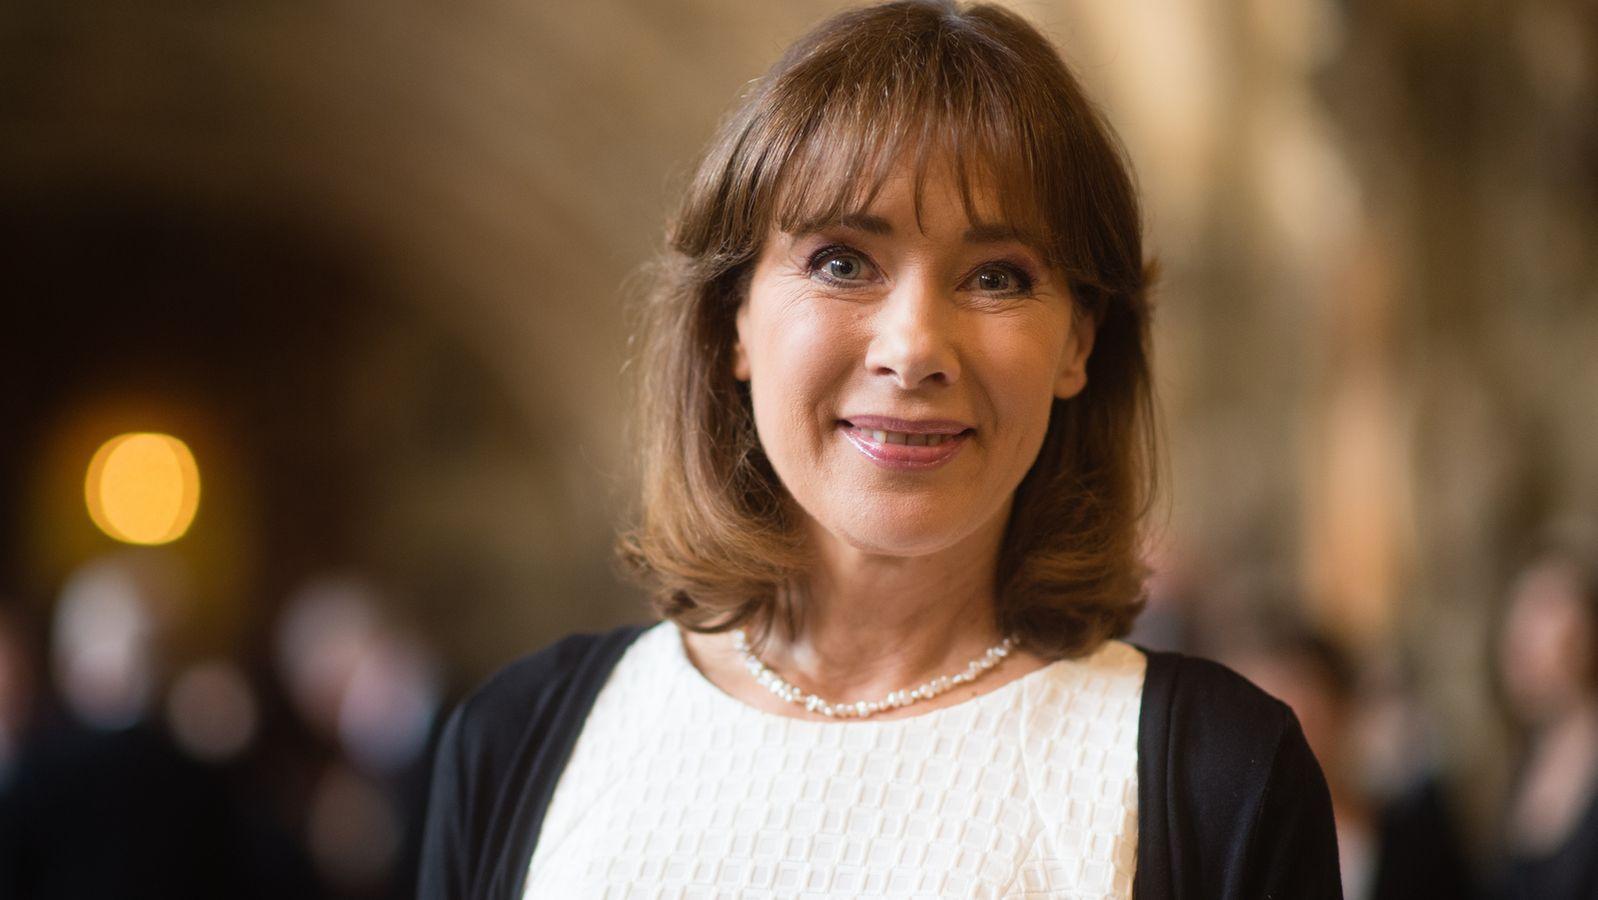 BR-Moderatorin Sabine Sauer geht in Ruhestand | BR24